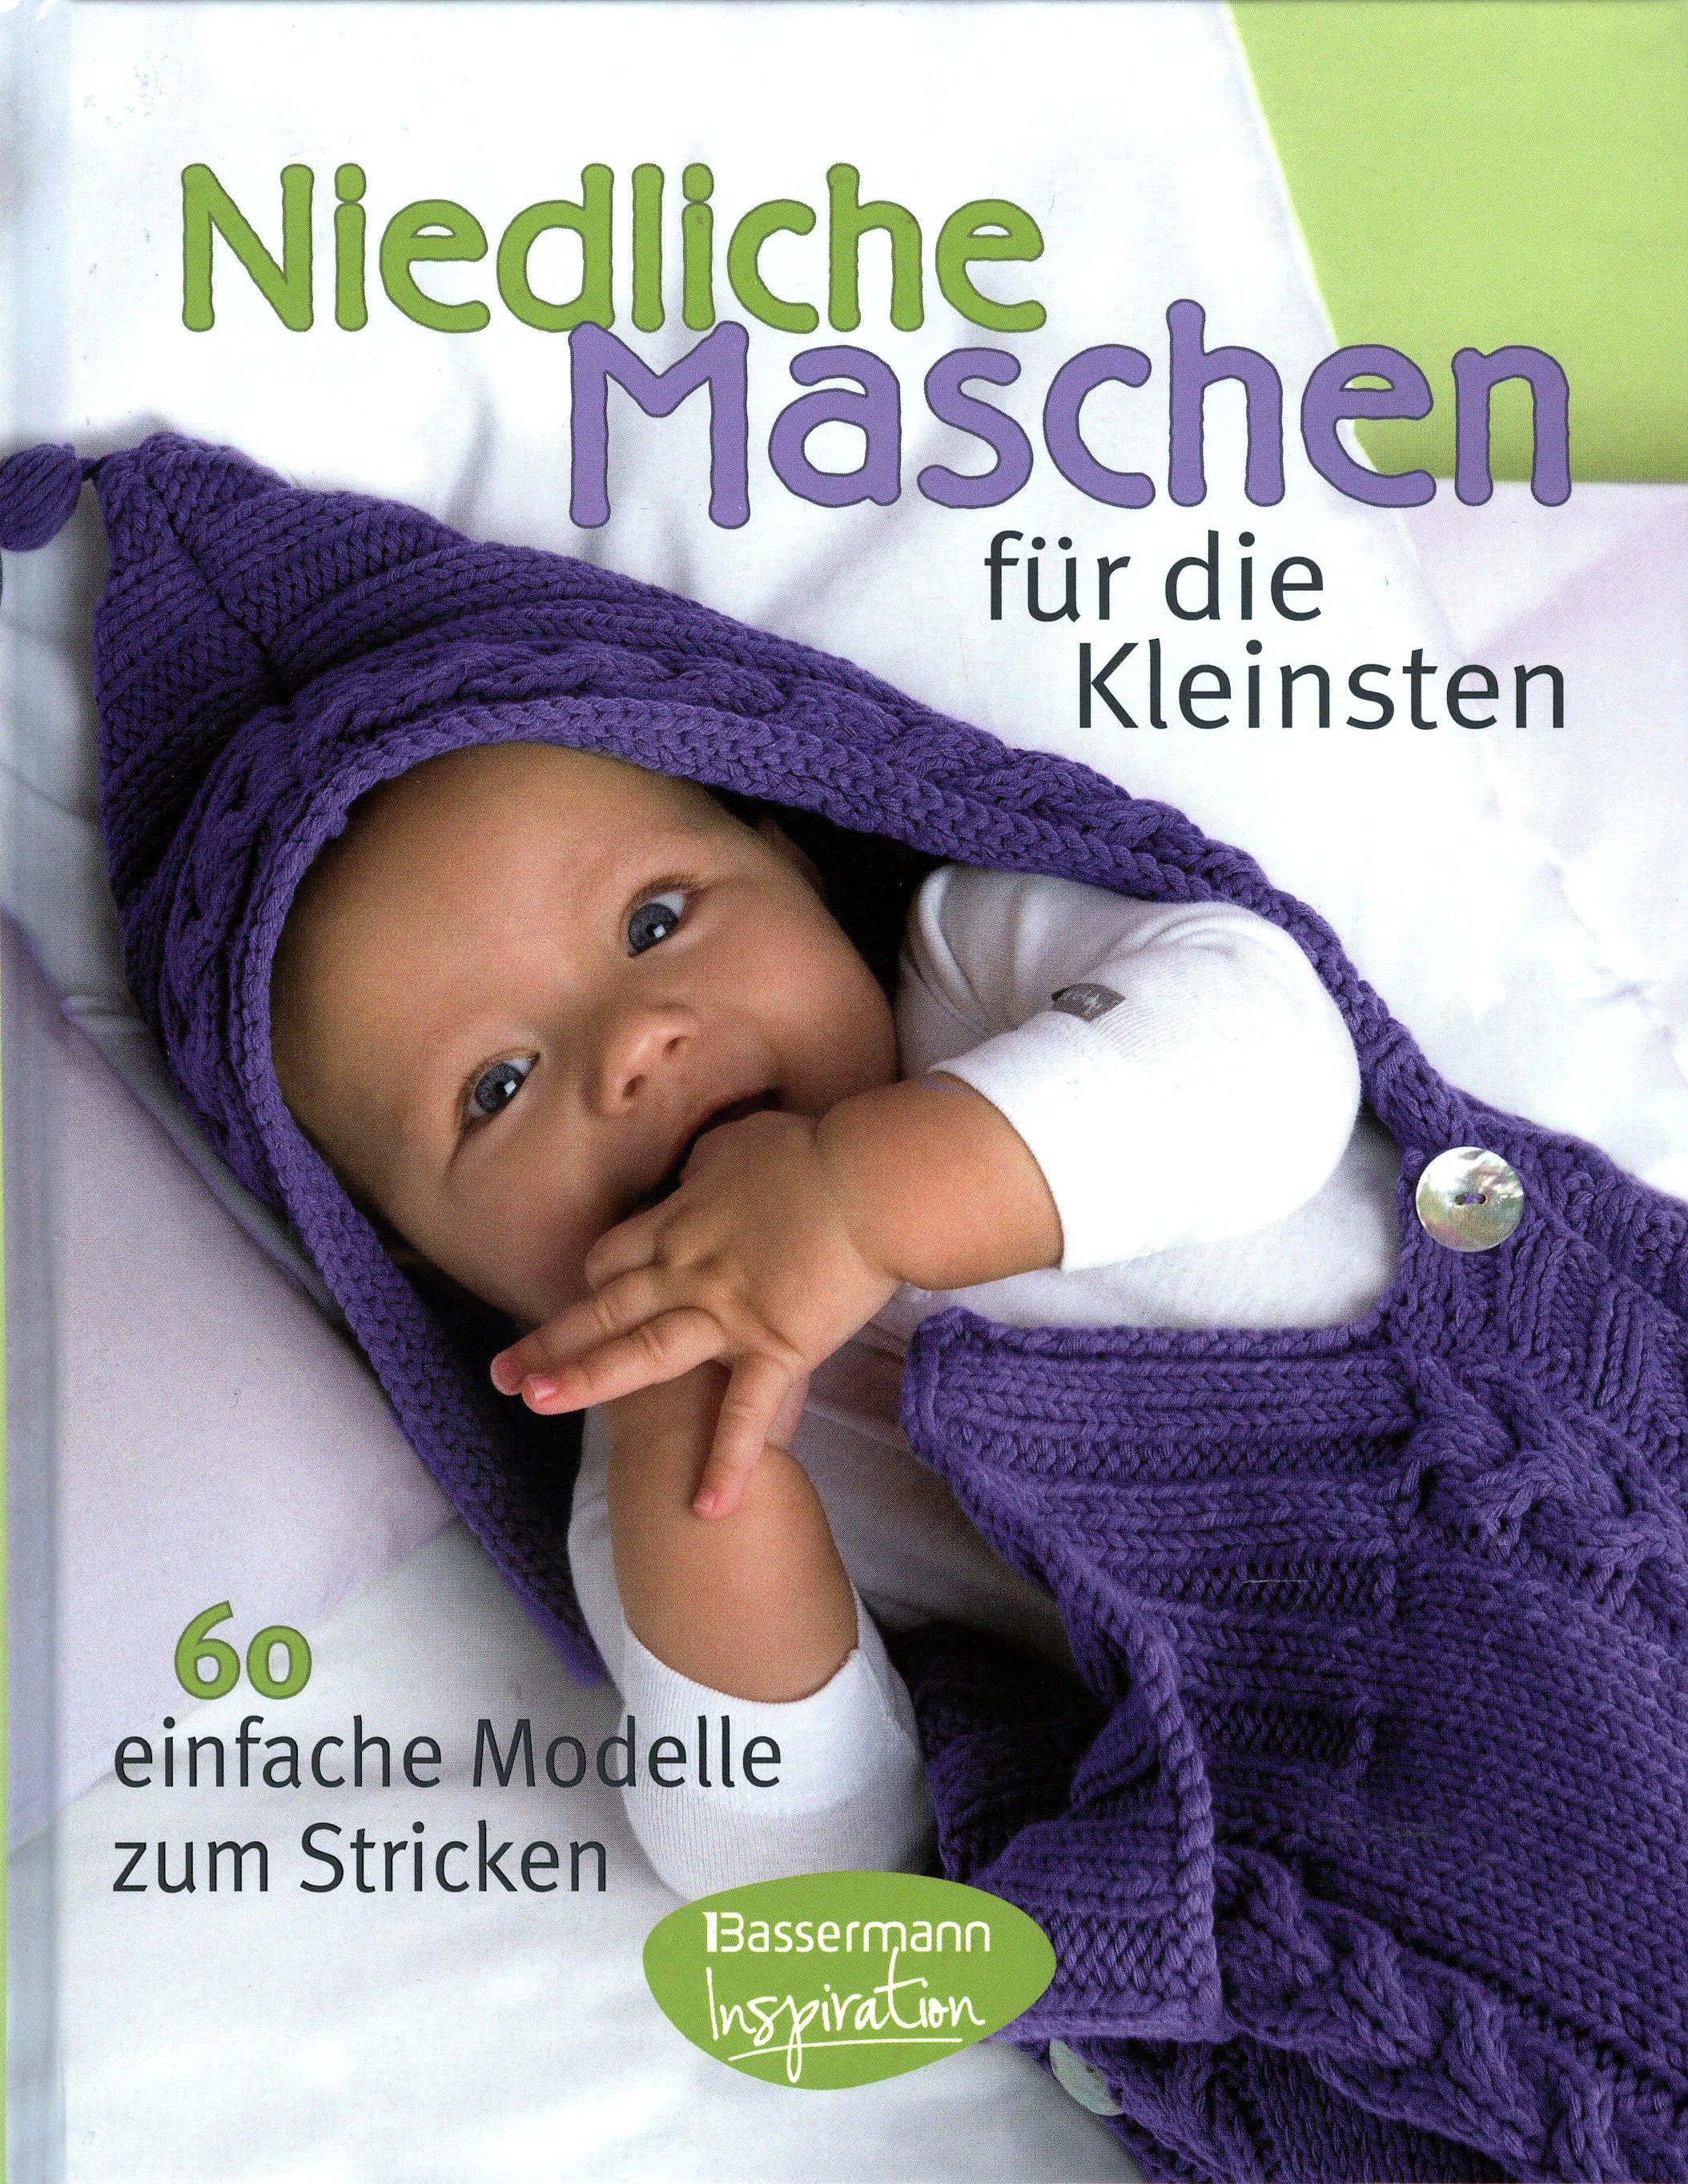 Niedliche Maschen Für Die Kleinsten Buch Portofrei Weltbildat